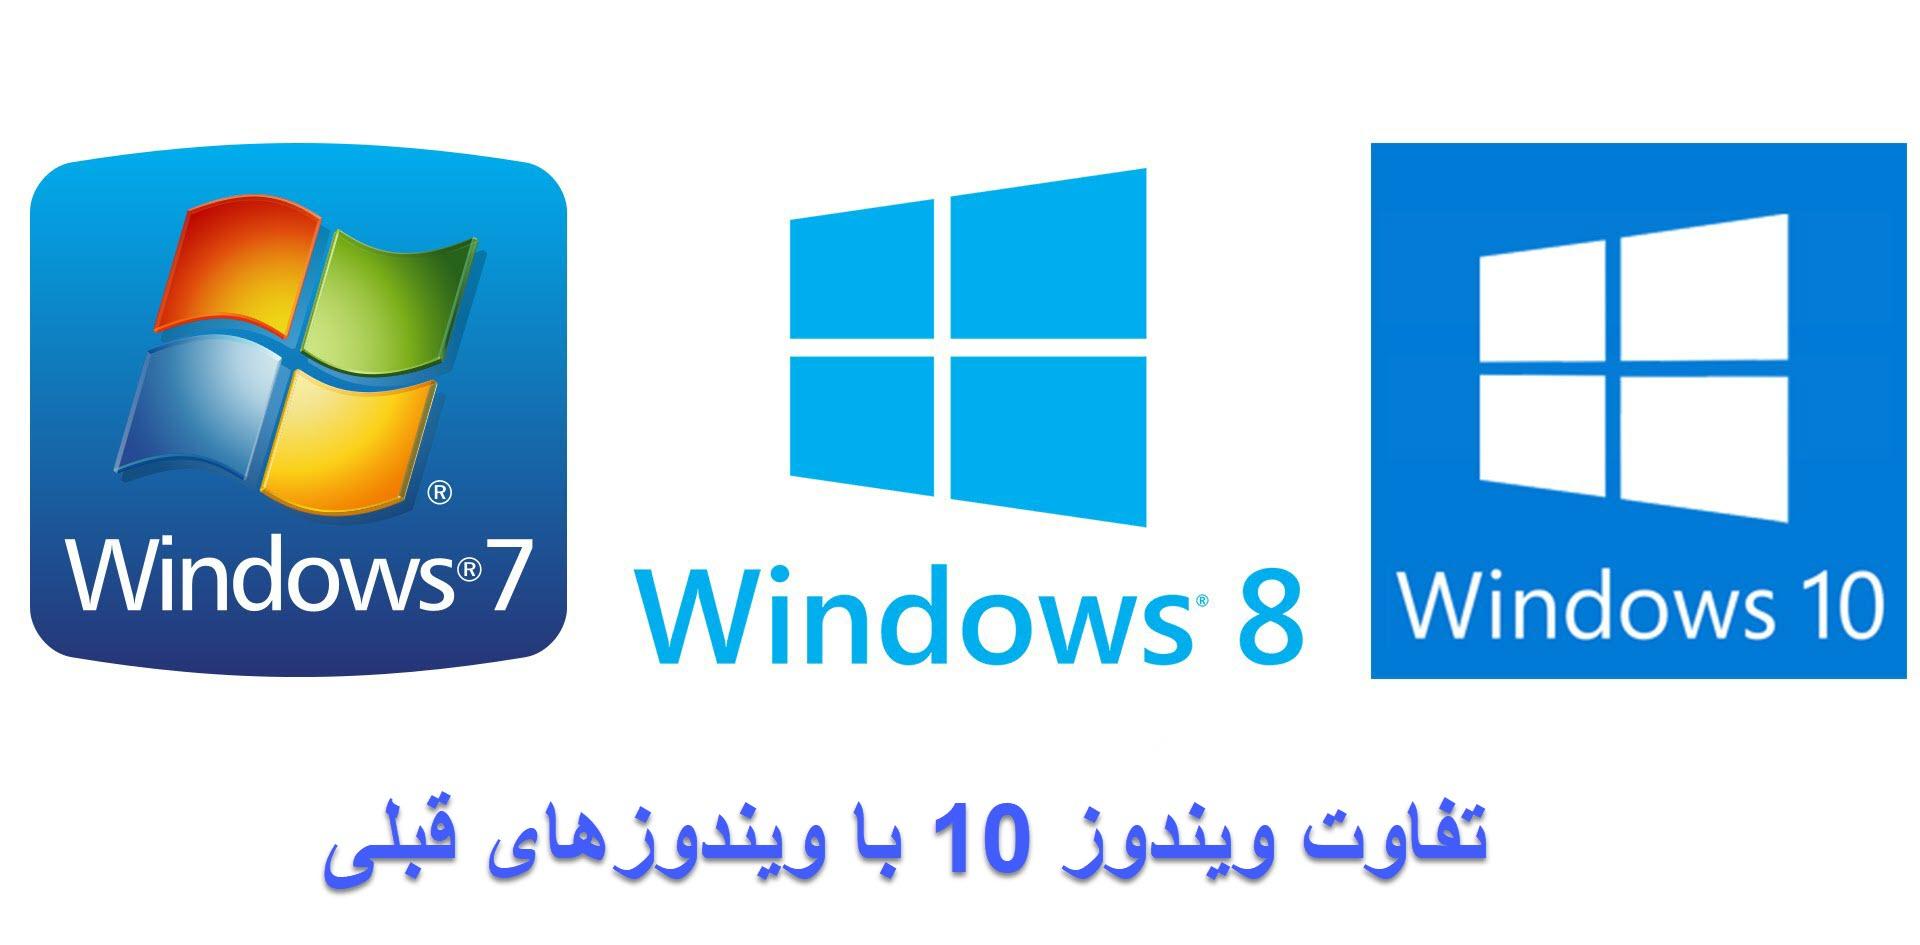 مقایسه ویندوز 10 با ویندوز 7 و ویندوز 8.1